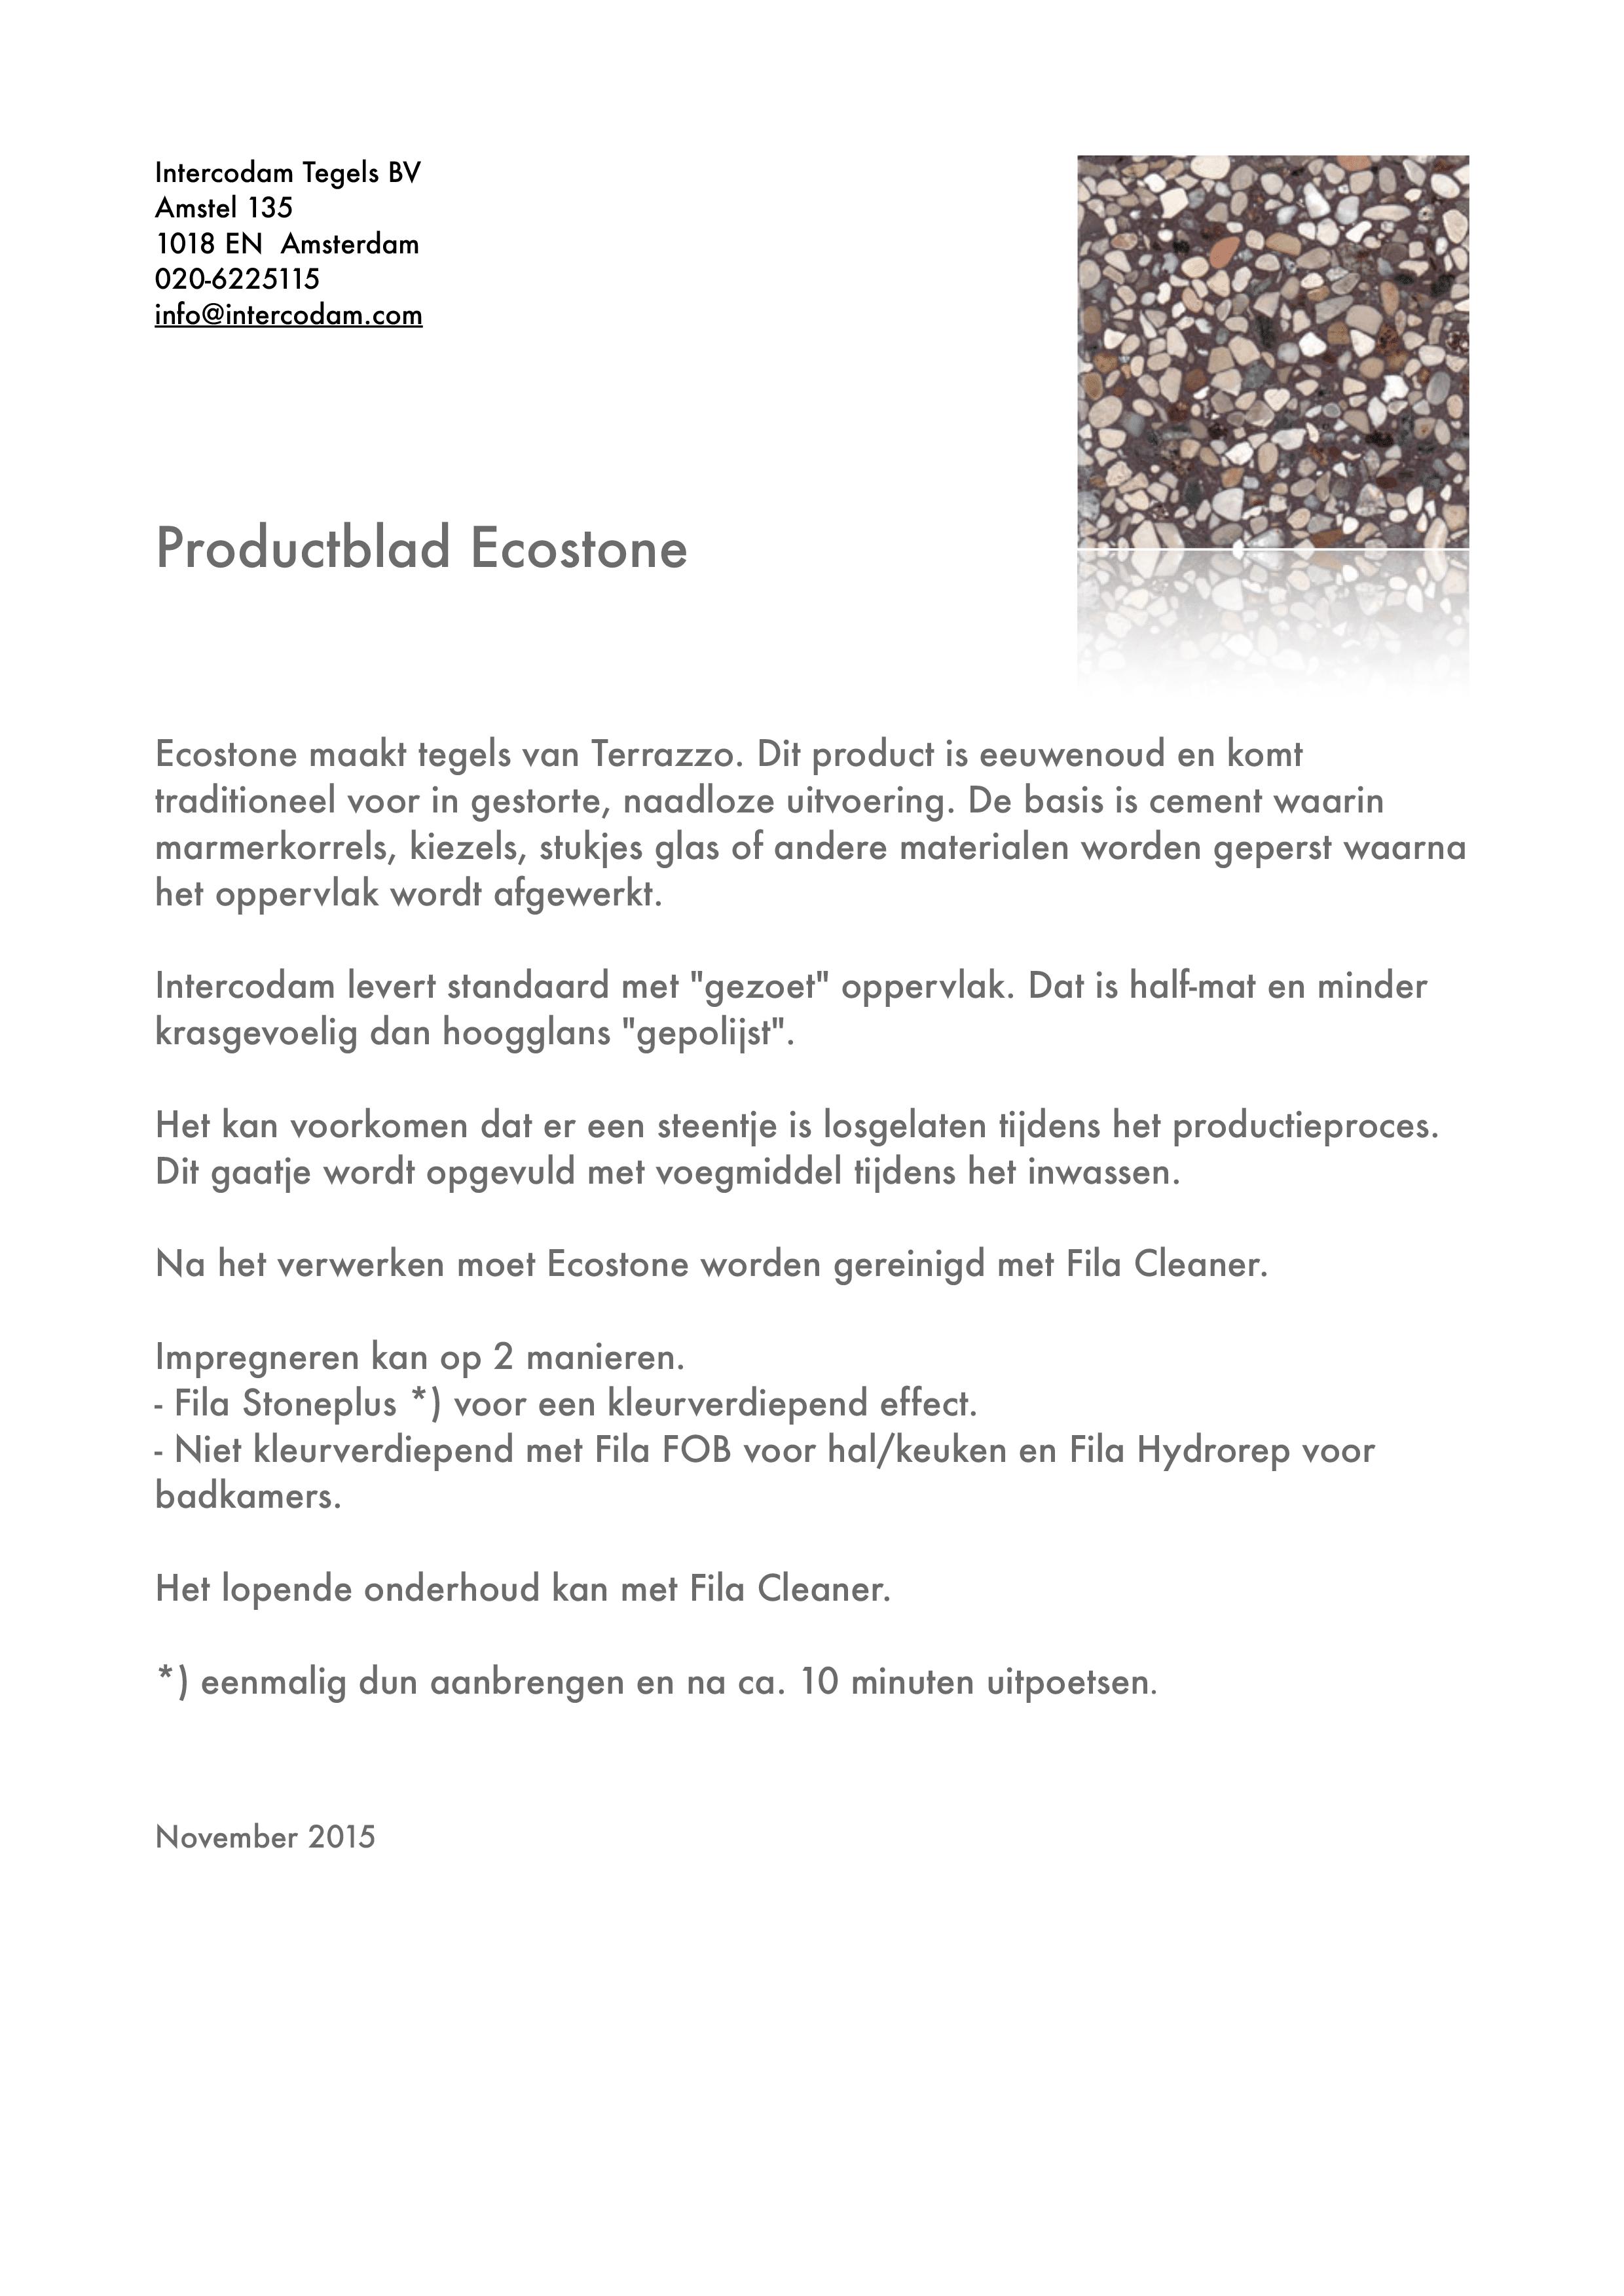 Productblad Ecostone